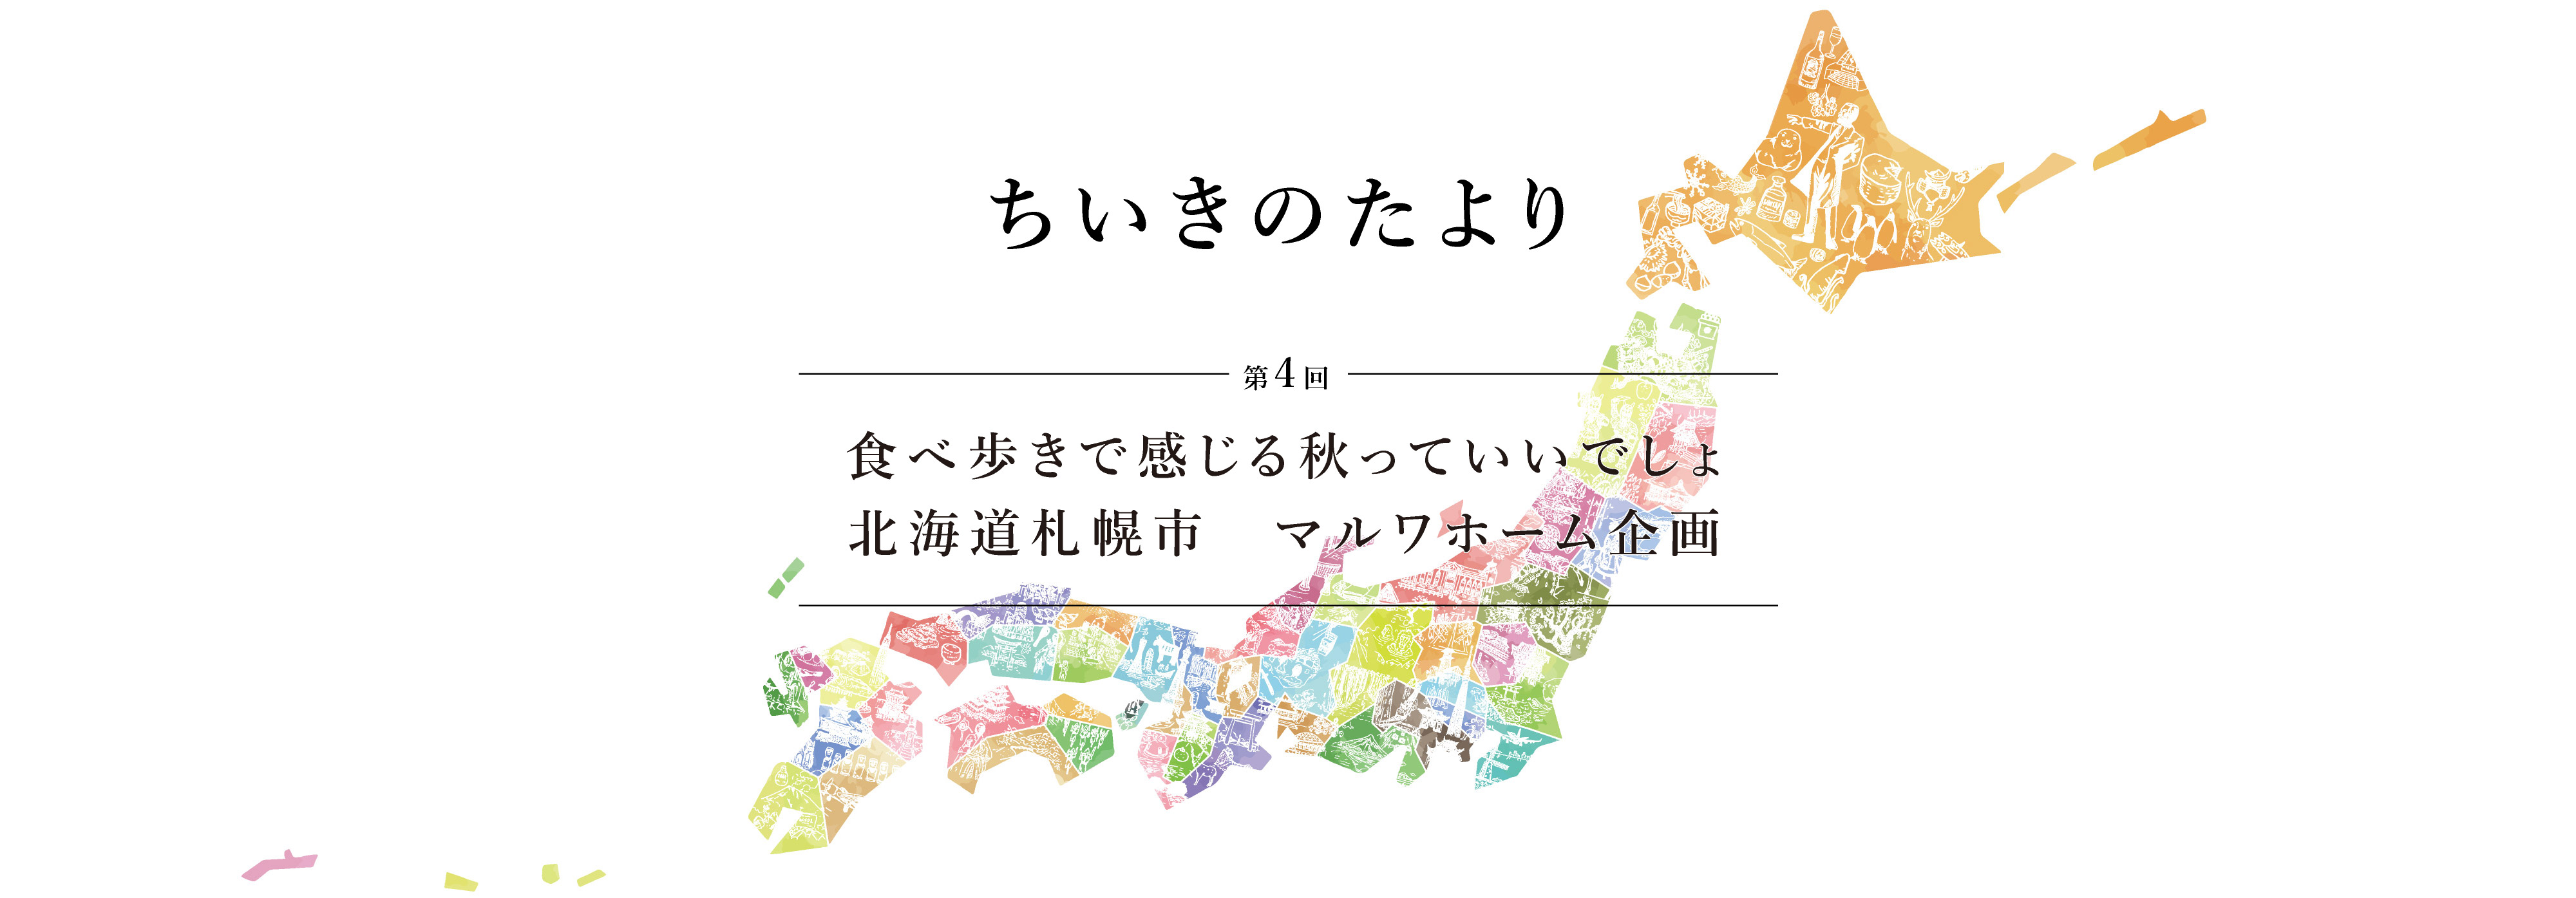 食べ歩きで感じる秋っていいでしょ北海道札幌市 マルワホーム企画